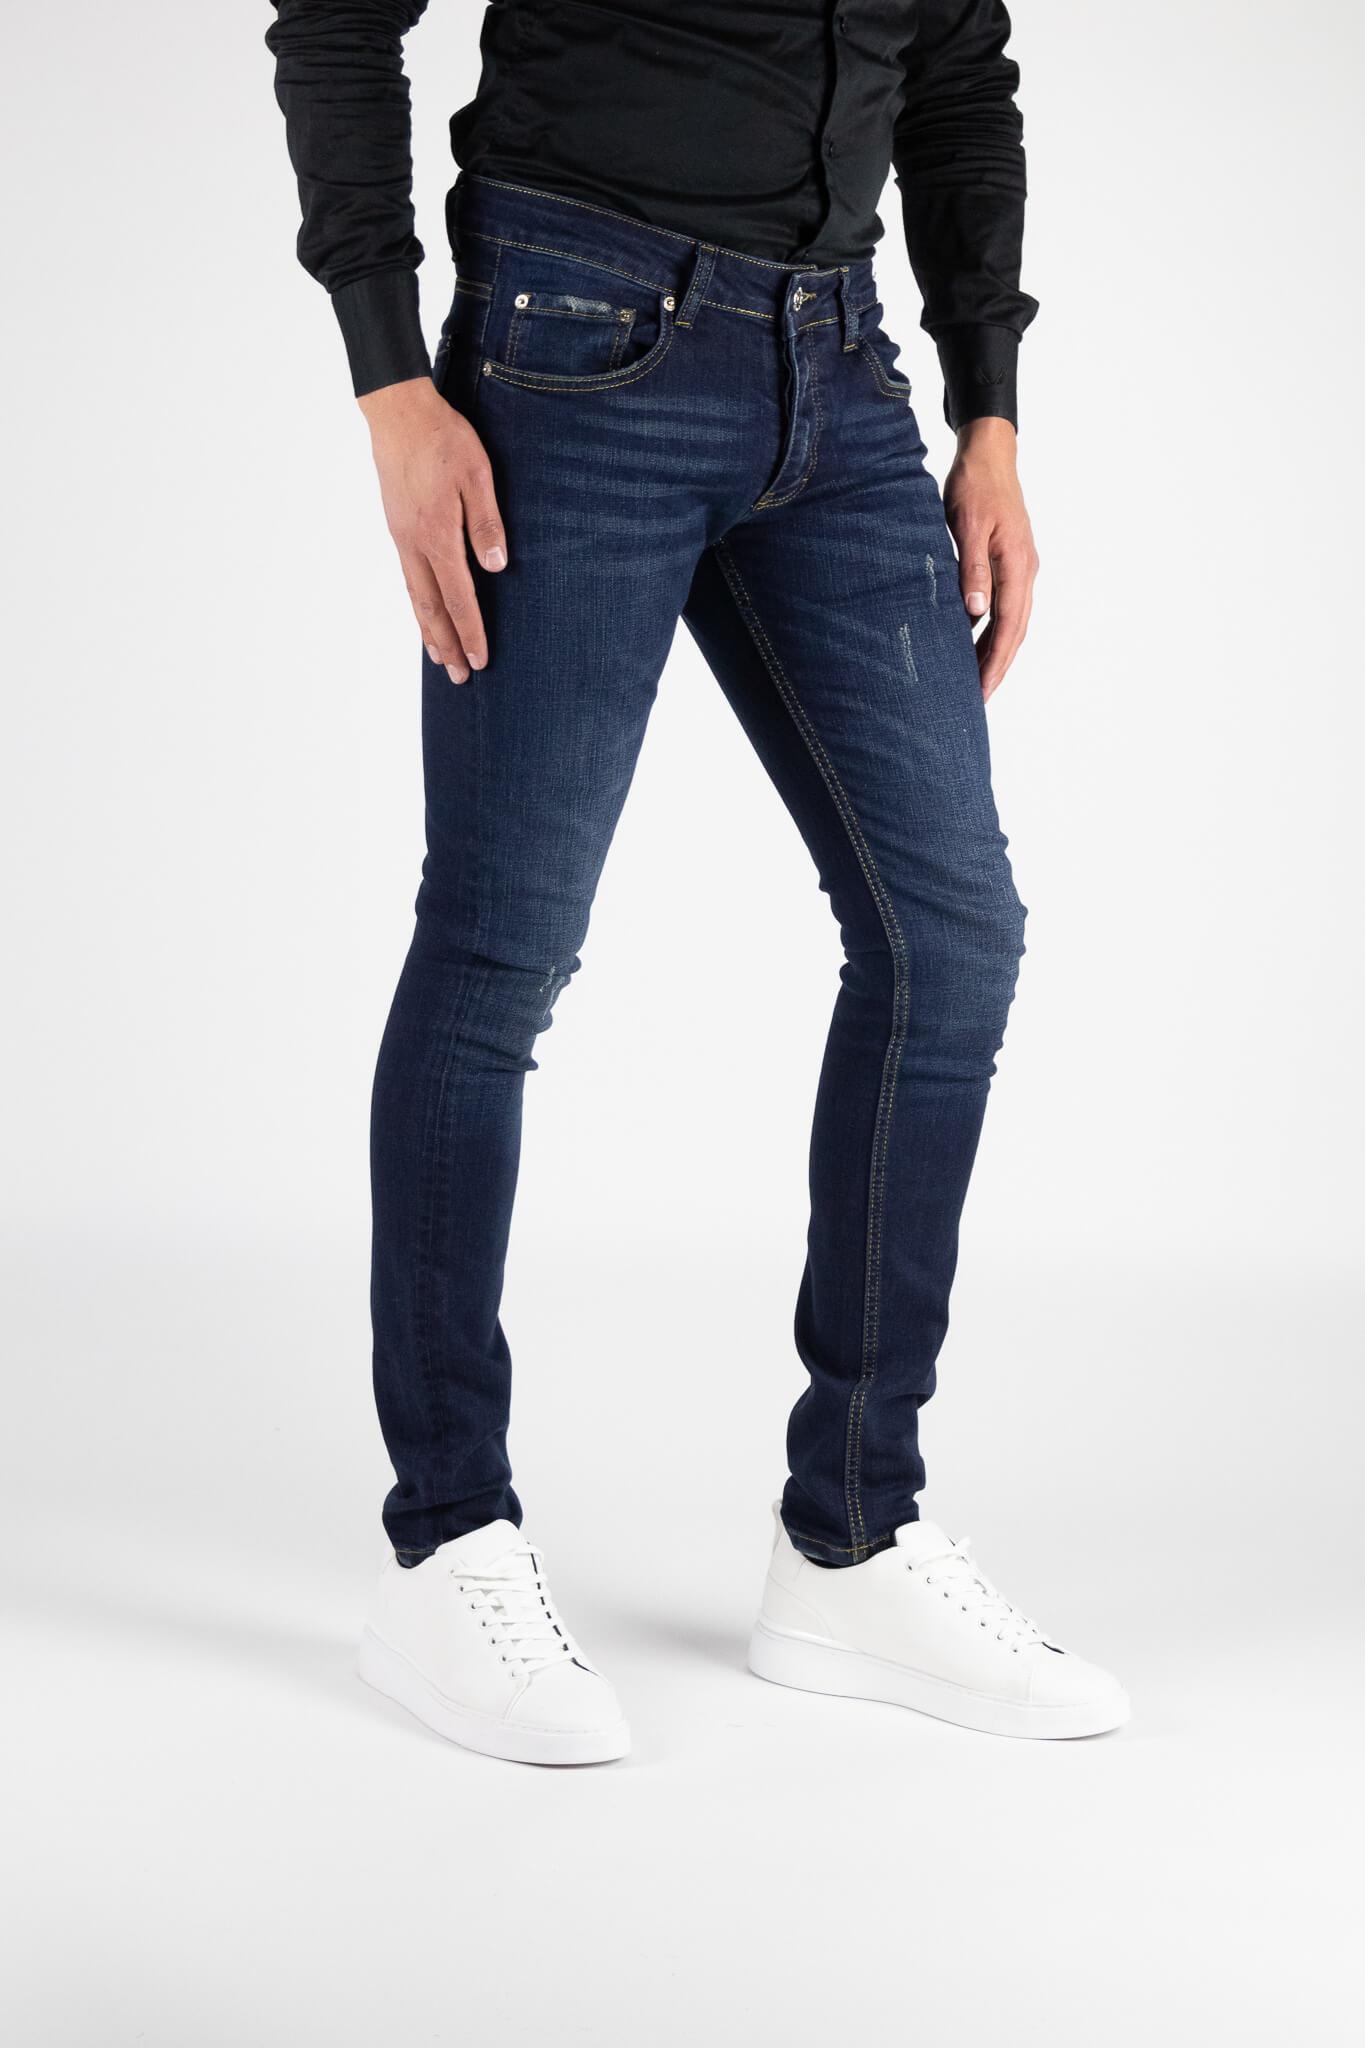 Morlaix-Dark-Blue-Jeans-2.jpg